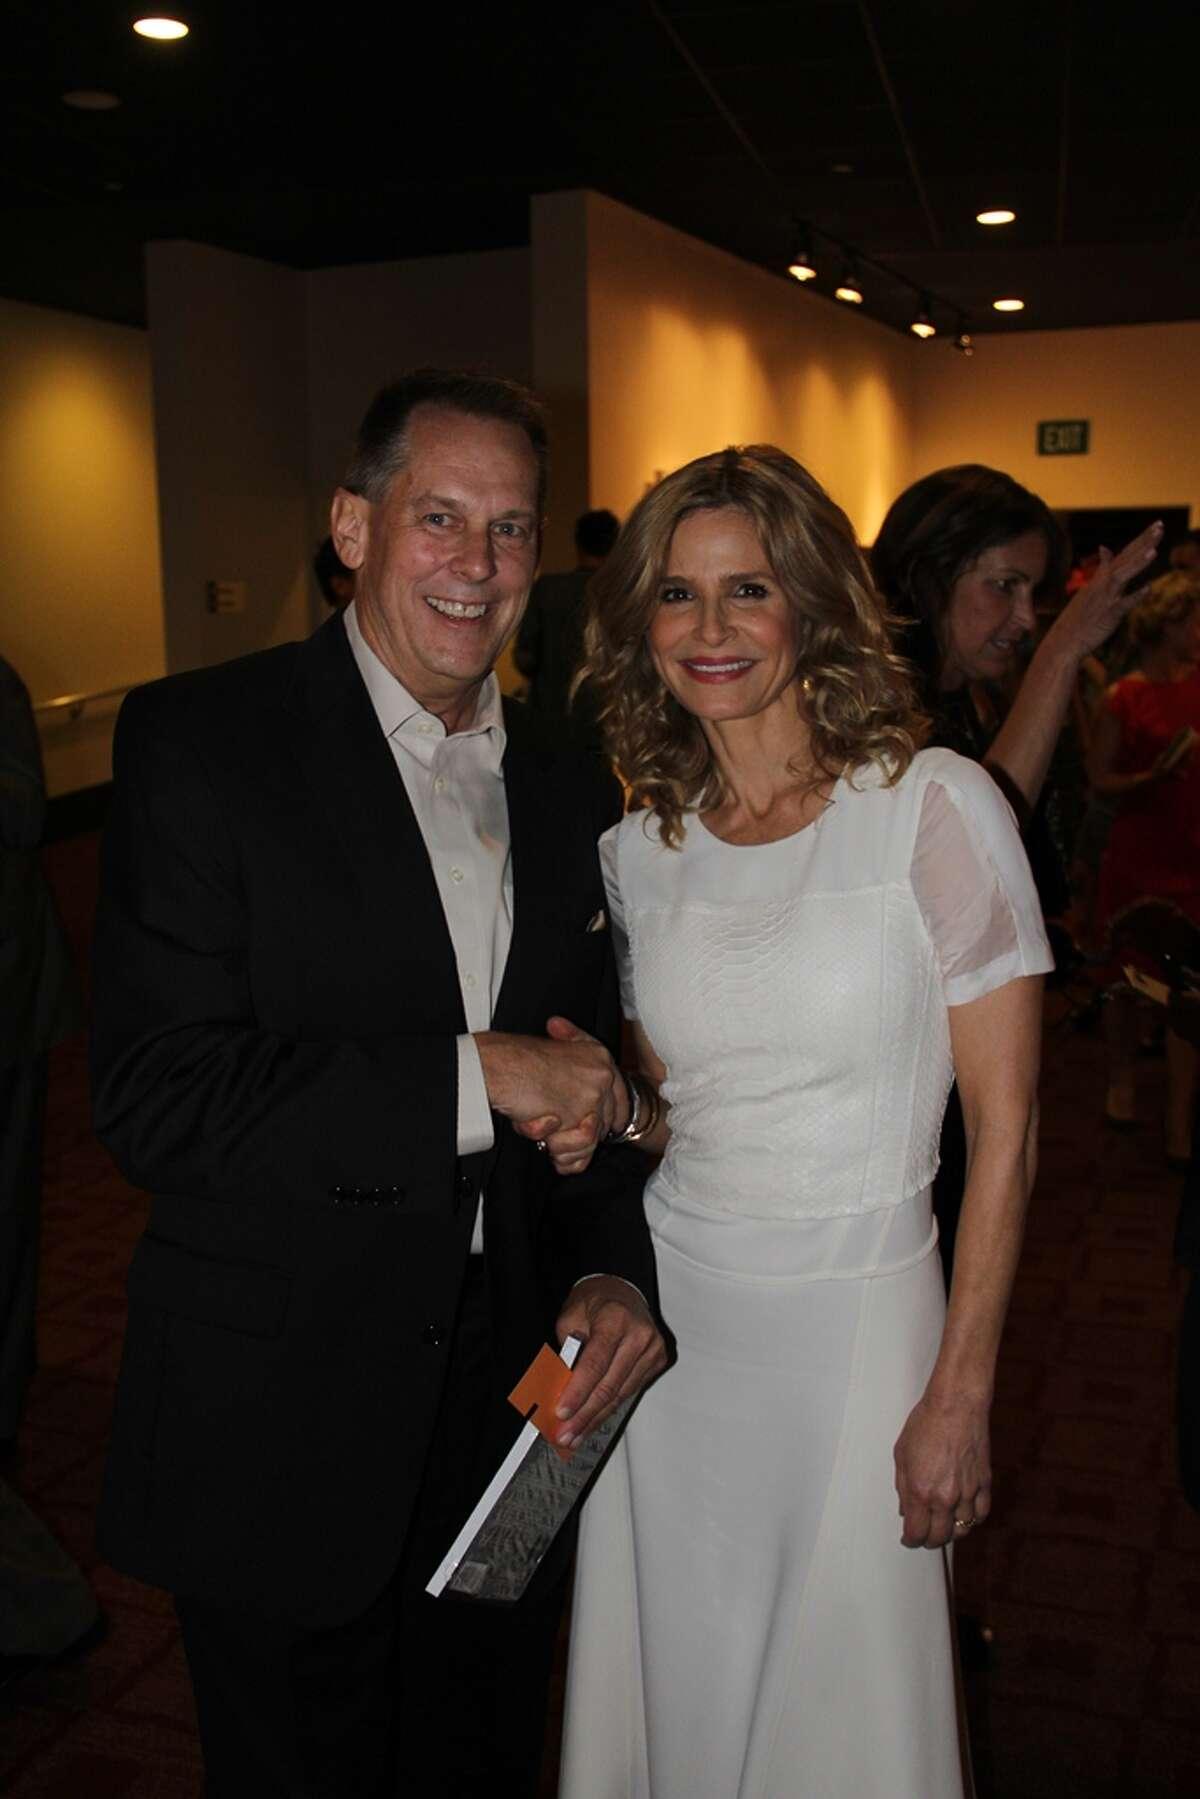 Jason Haxton meets actress Kyra Sedgwick at the premiere of